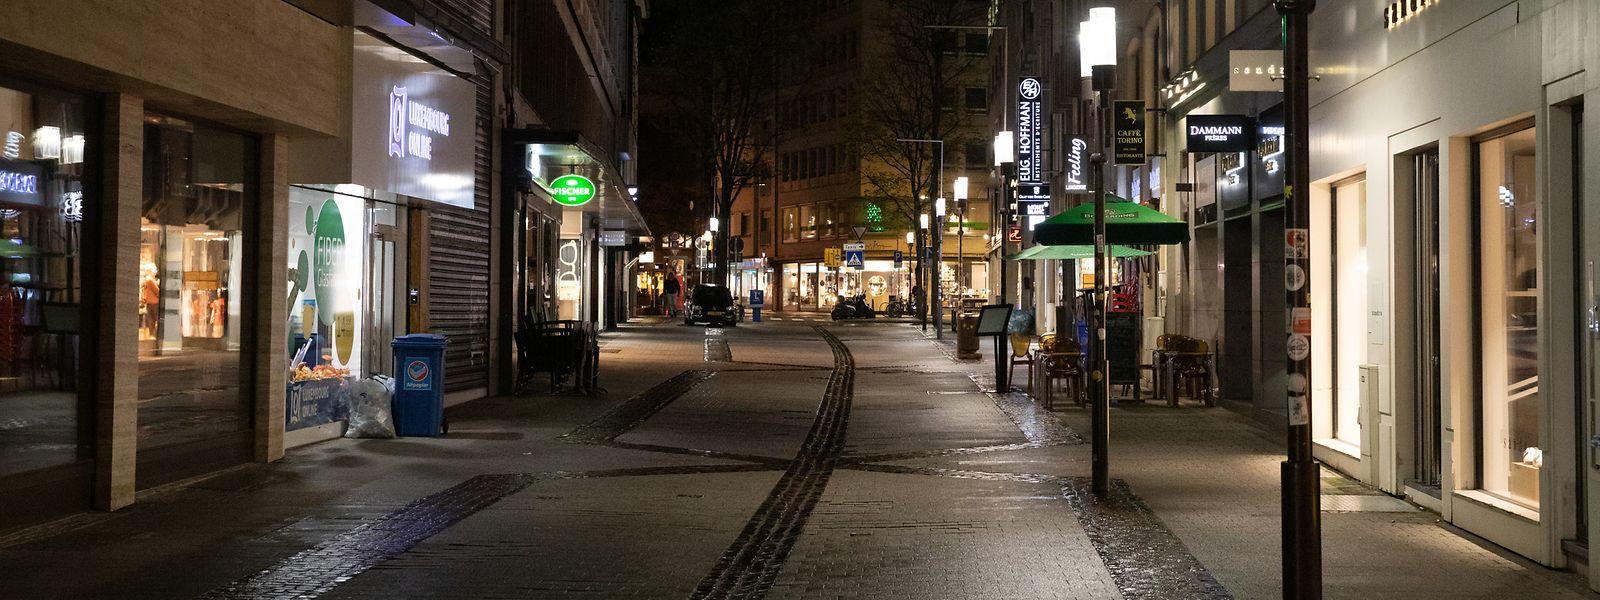 A compter de vendredi soir, les rues du Grand-Duché doivent être vides entre 23h et 6h. Et ce, jusqu'au 30 novembre.